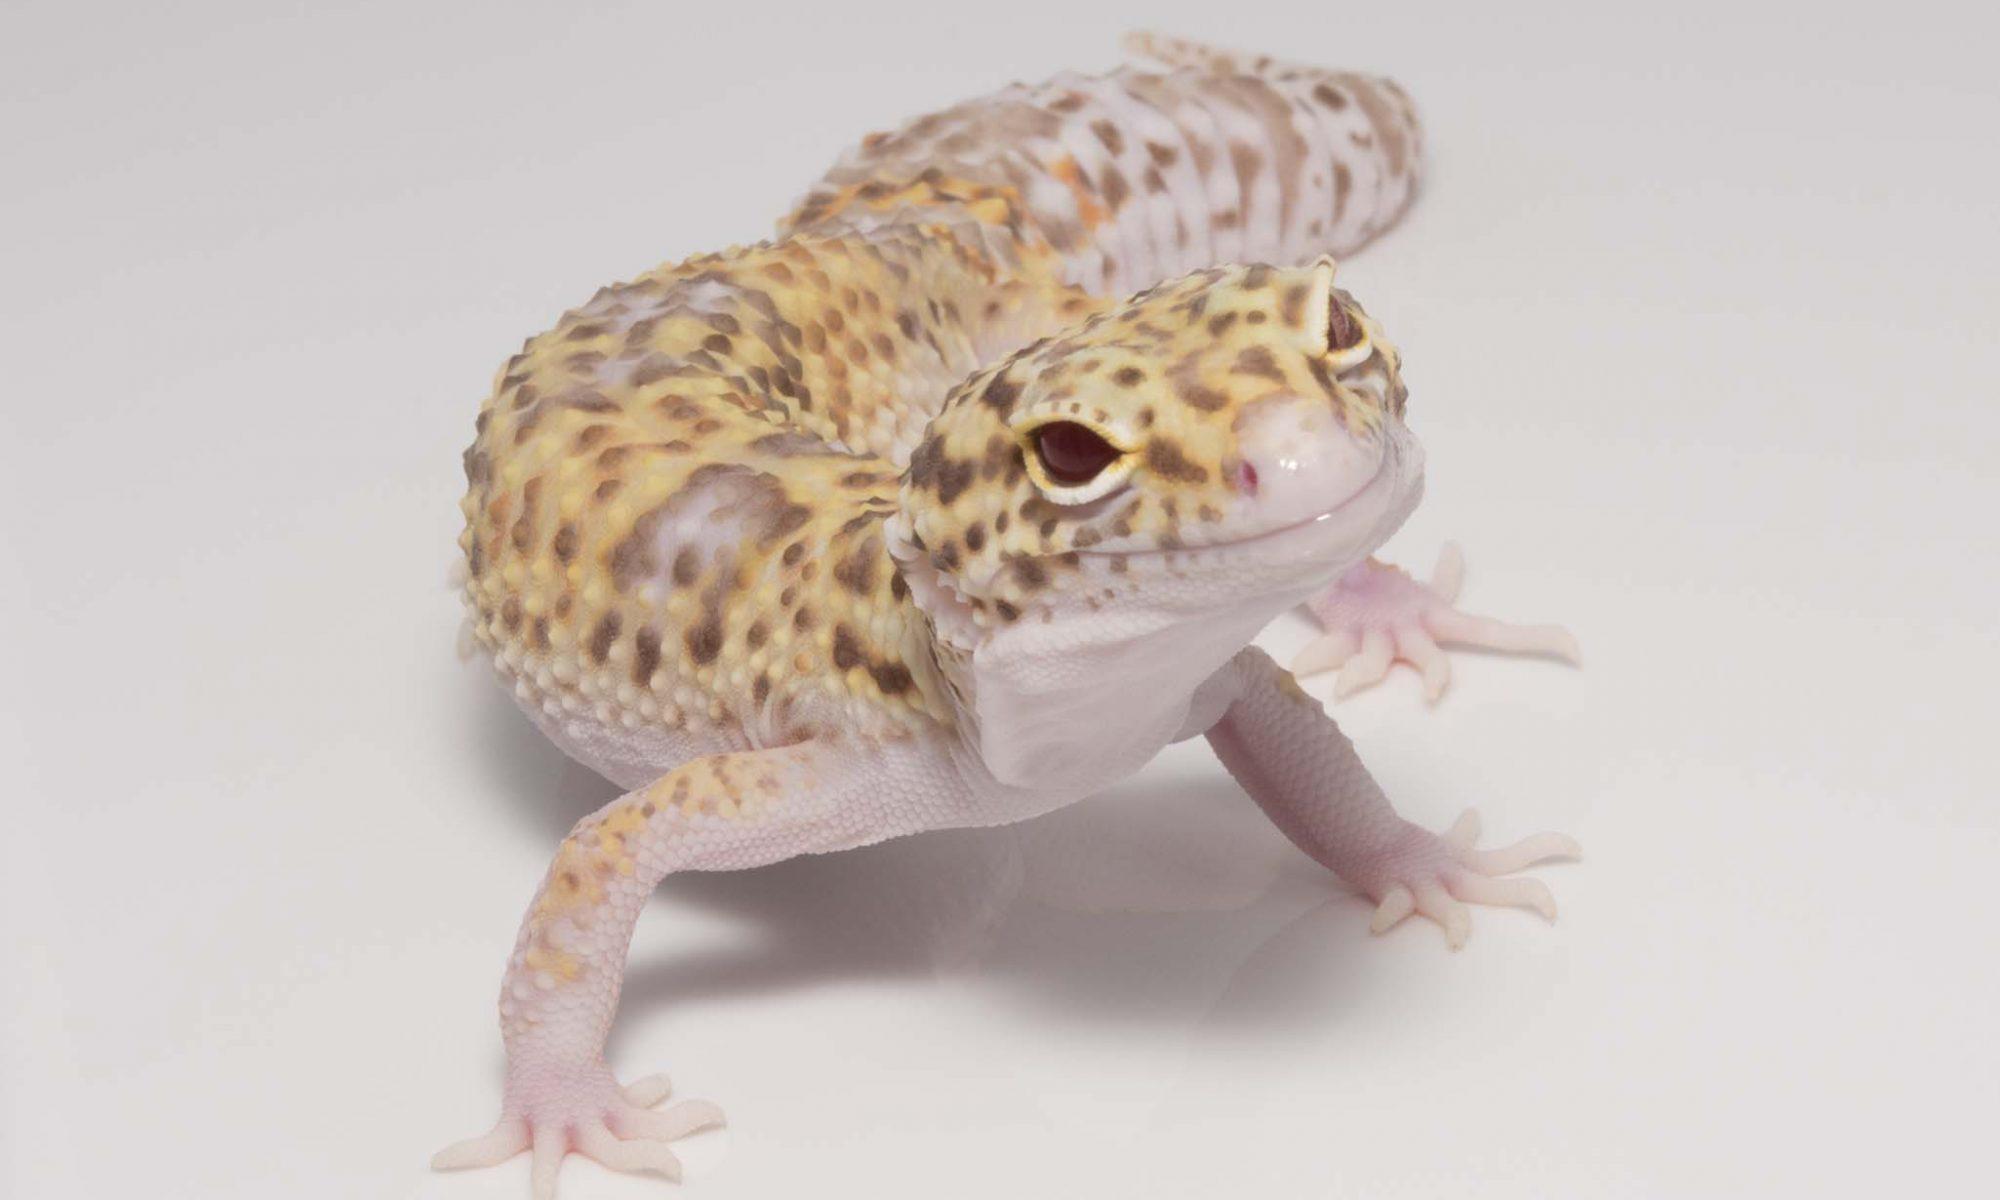 Leopard Geckos For Sale - OnlineGeckos com Gecko Breeder